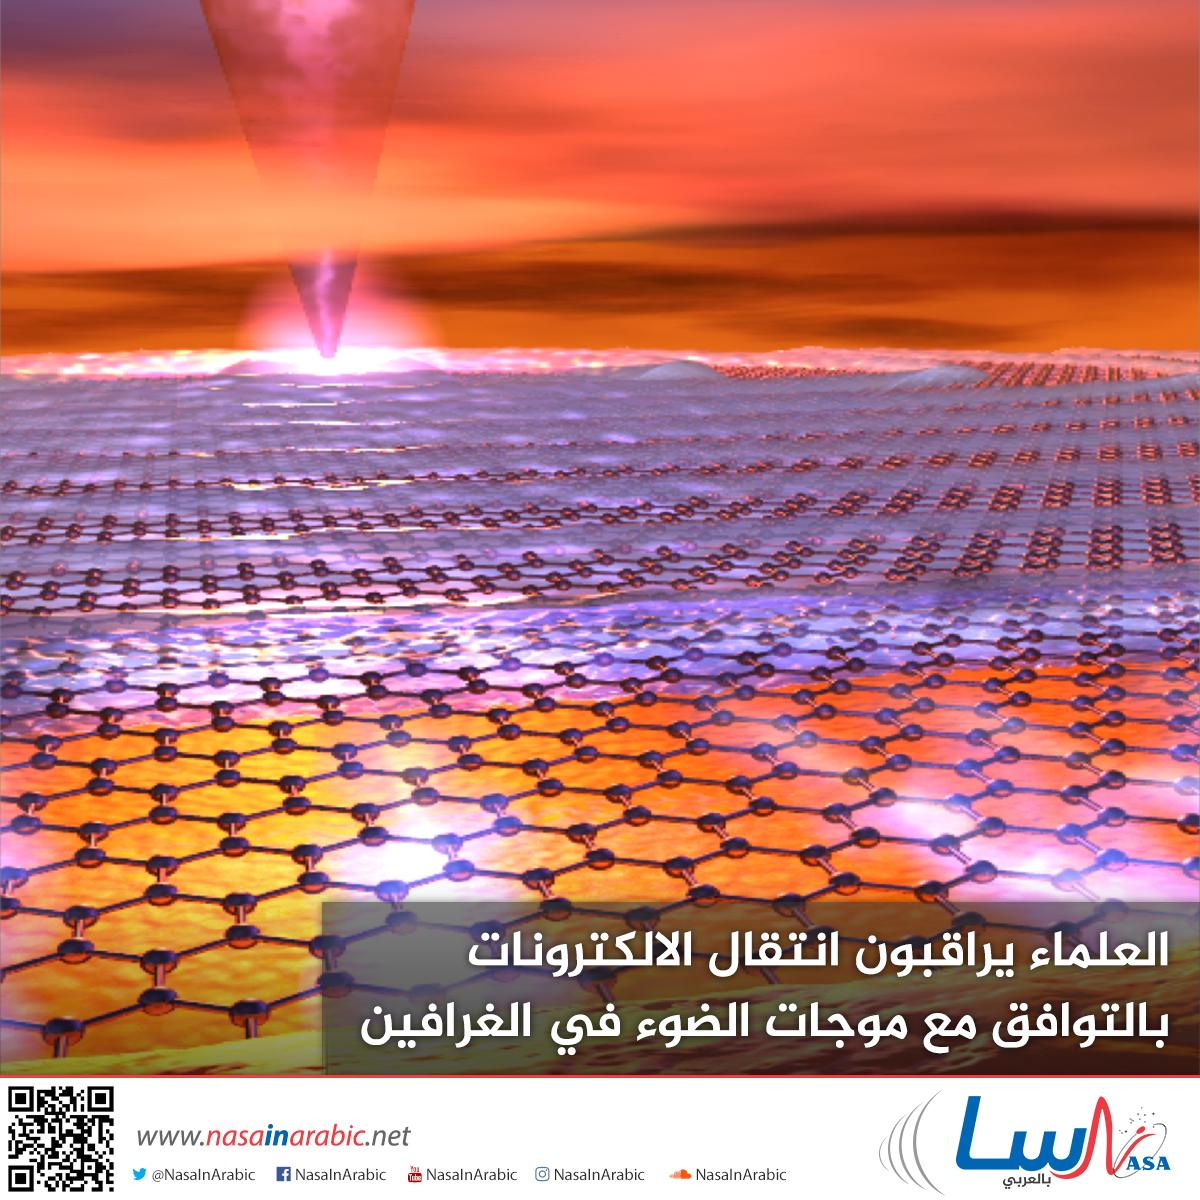 العلماء يراقبون انتقال الالكترونات بالتوافق مع موجات الضوء في الغرافين